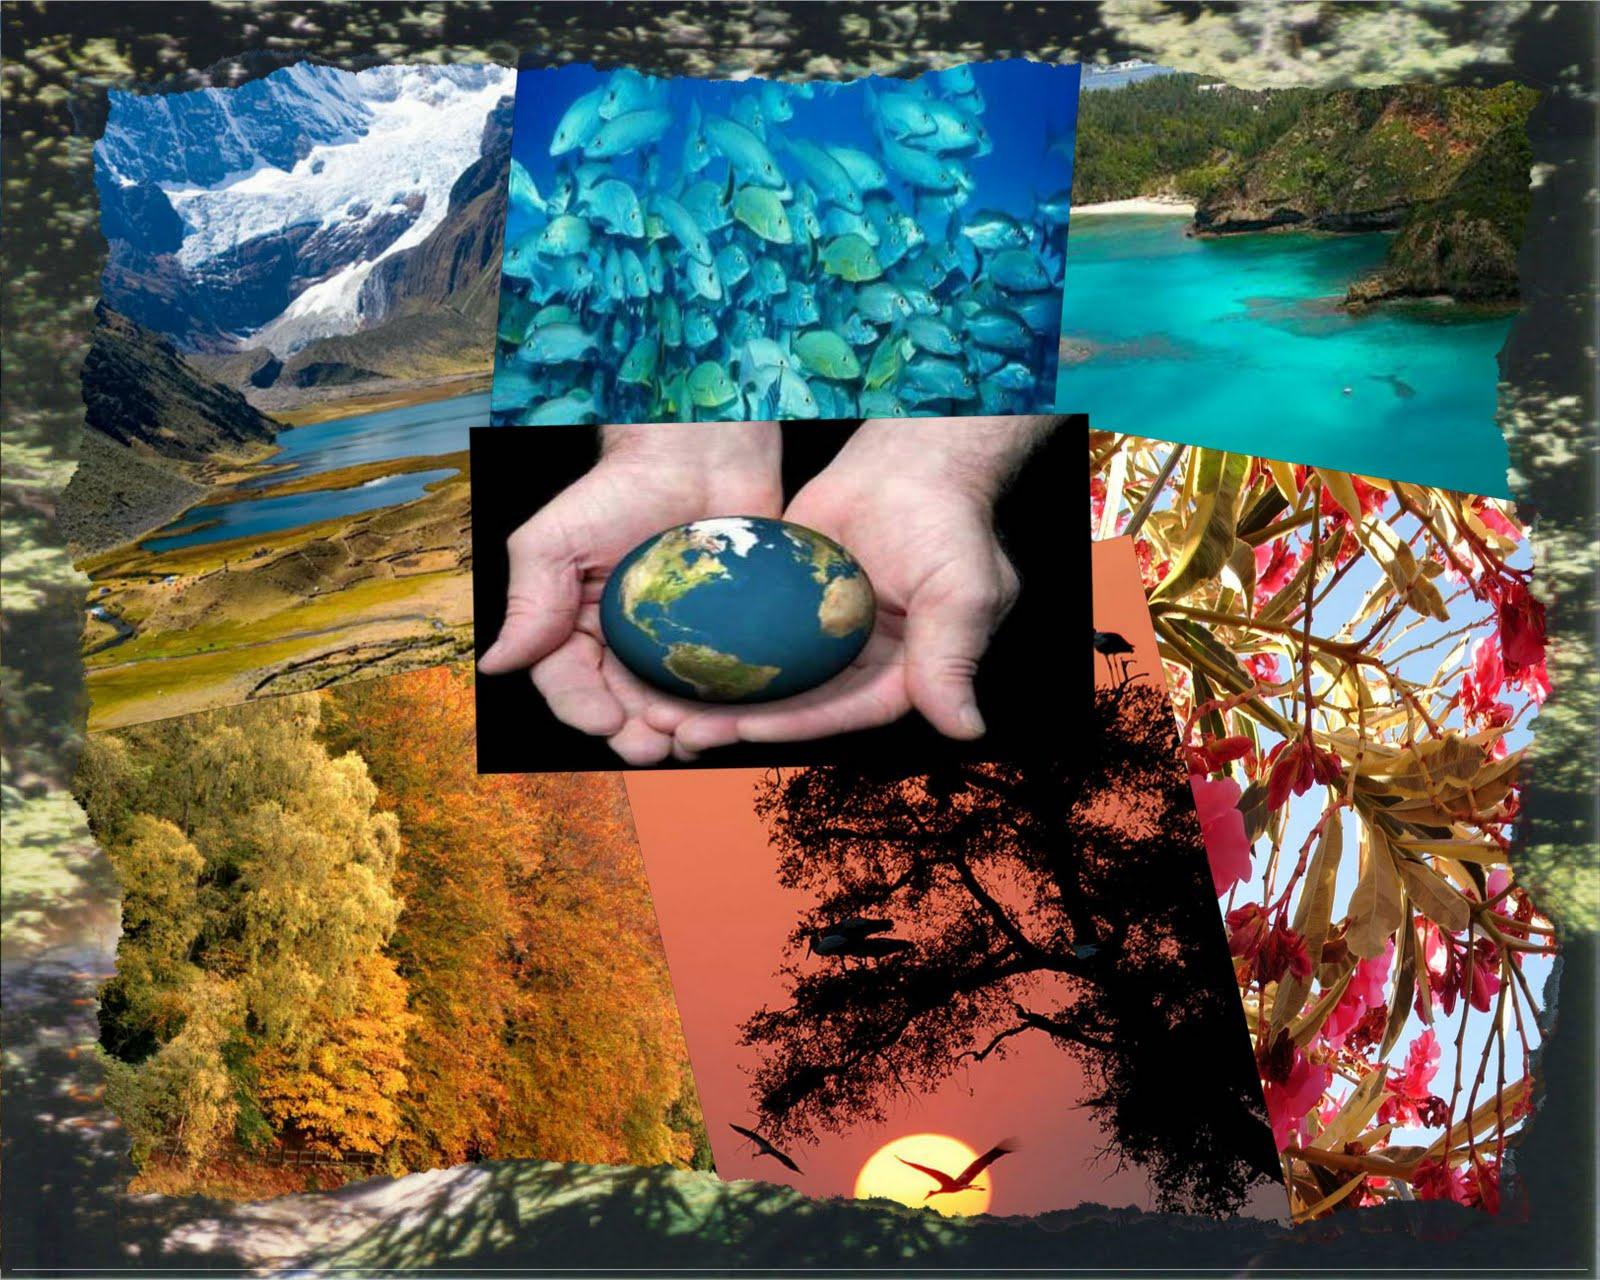 ... planeta…… por que está será la herencia que dejemos a nuestros